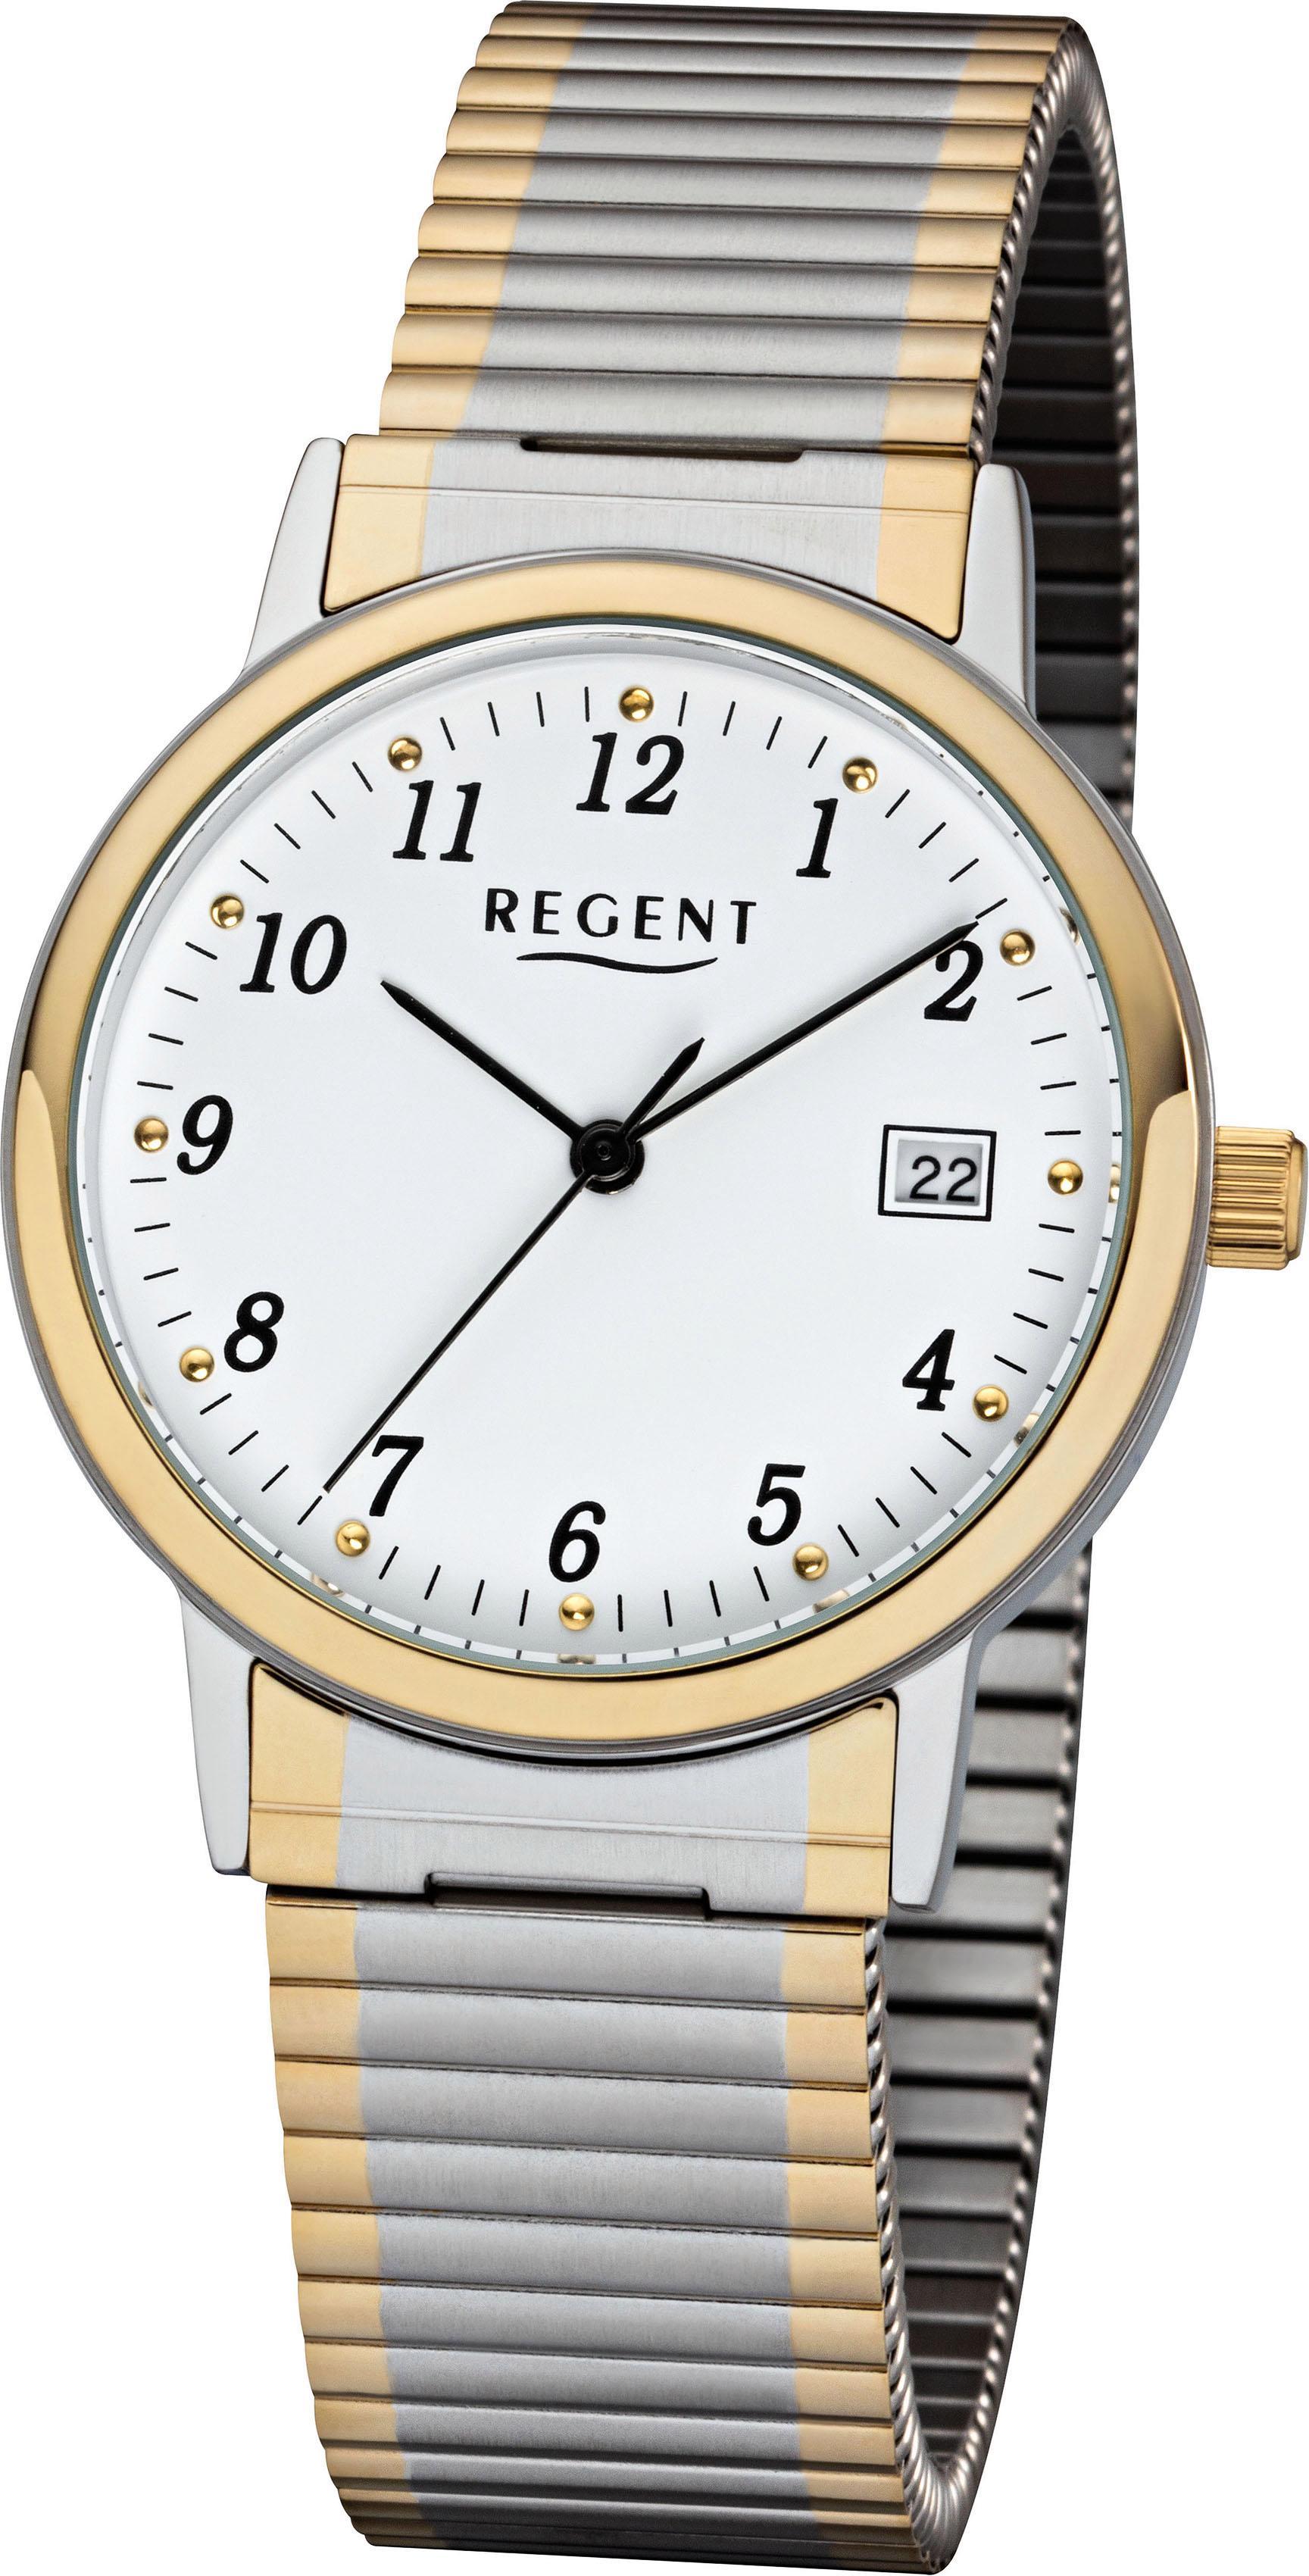 Regent Quarzuhr 1595.41.99, F1015 | Uhren > Quarzuhren | Regent